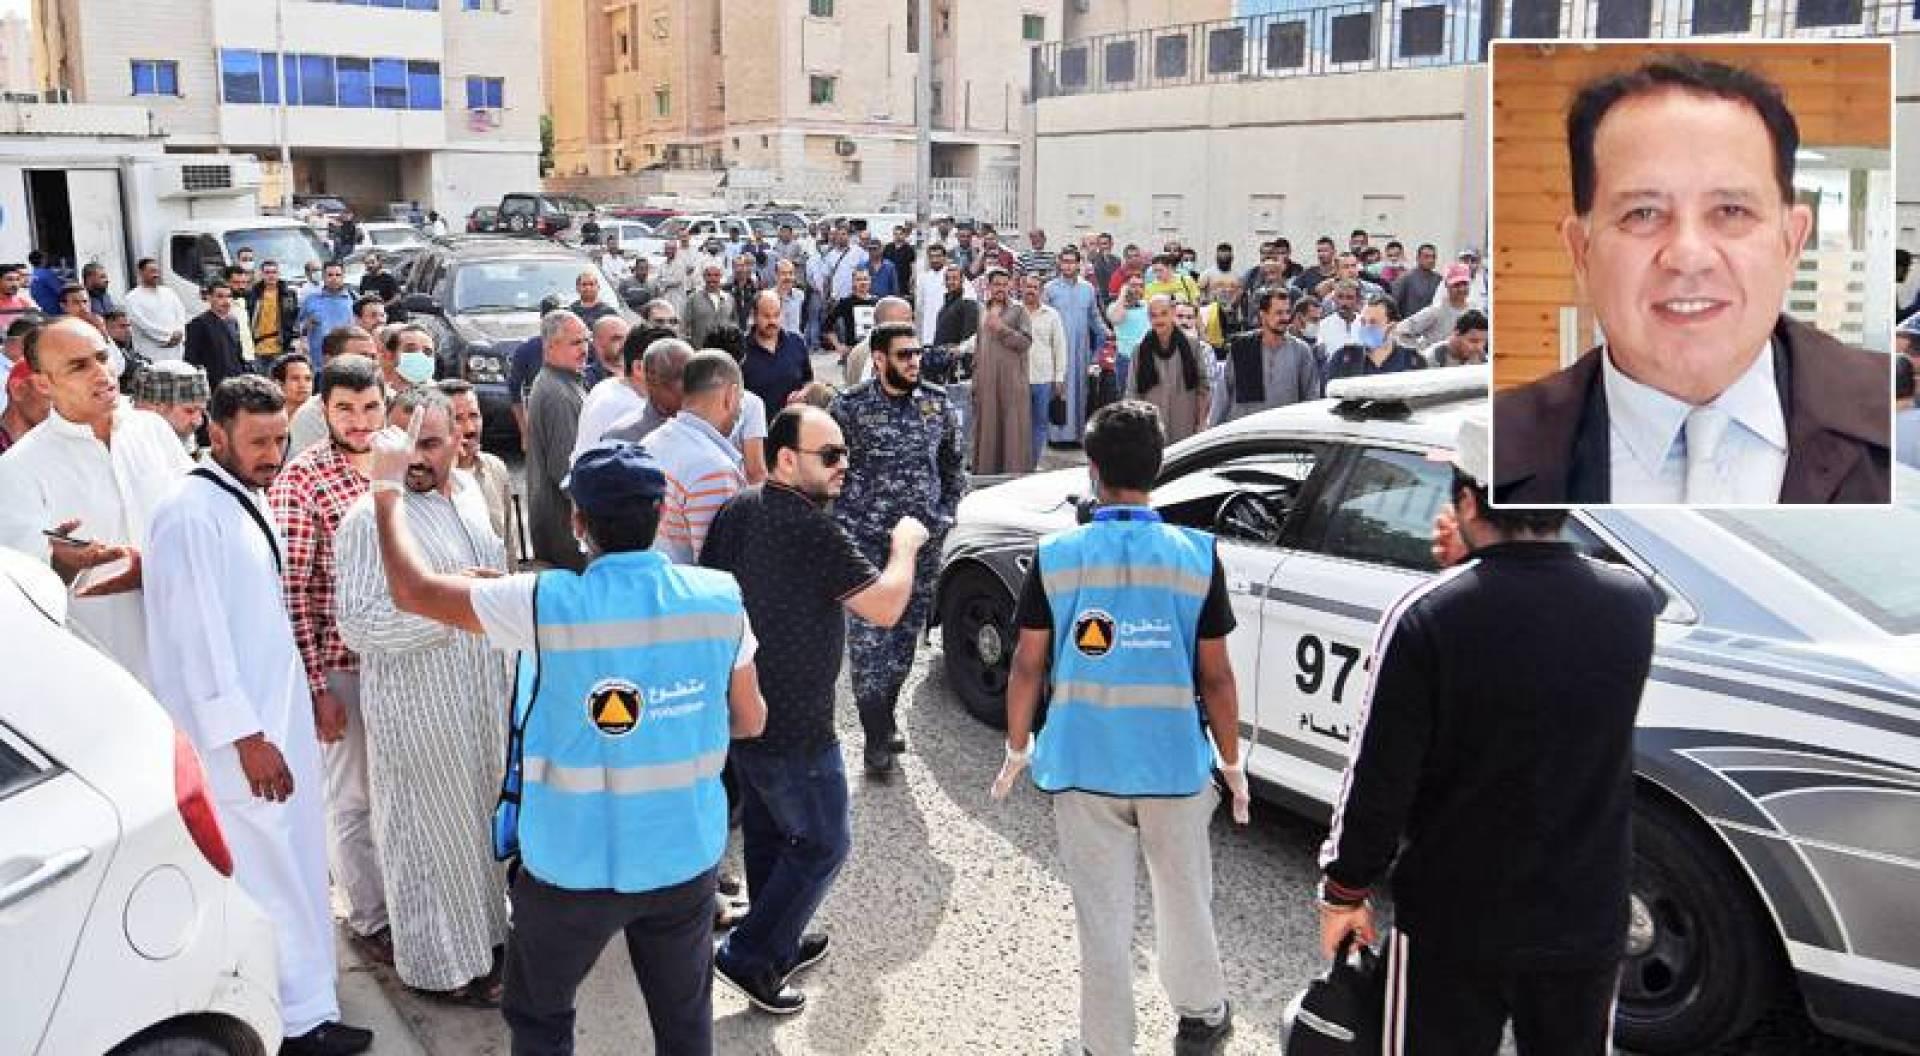 كمال عثمان - مخالفون للإقامة أمام مركز تسجيل الراغبين في مغادرة البلاد ضمن مهلة «غادر بأمان» الشهر الماضي (تصوير: بسام زيدان)